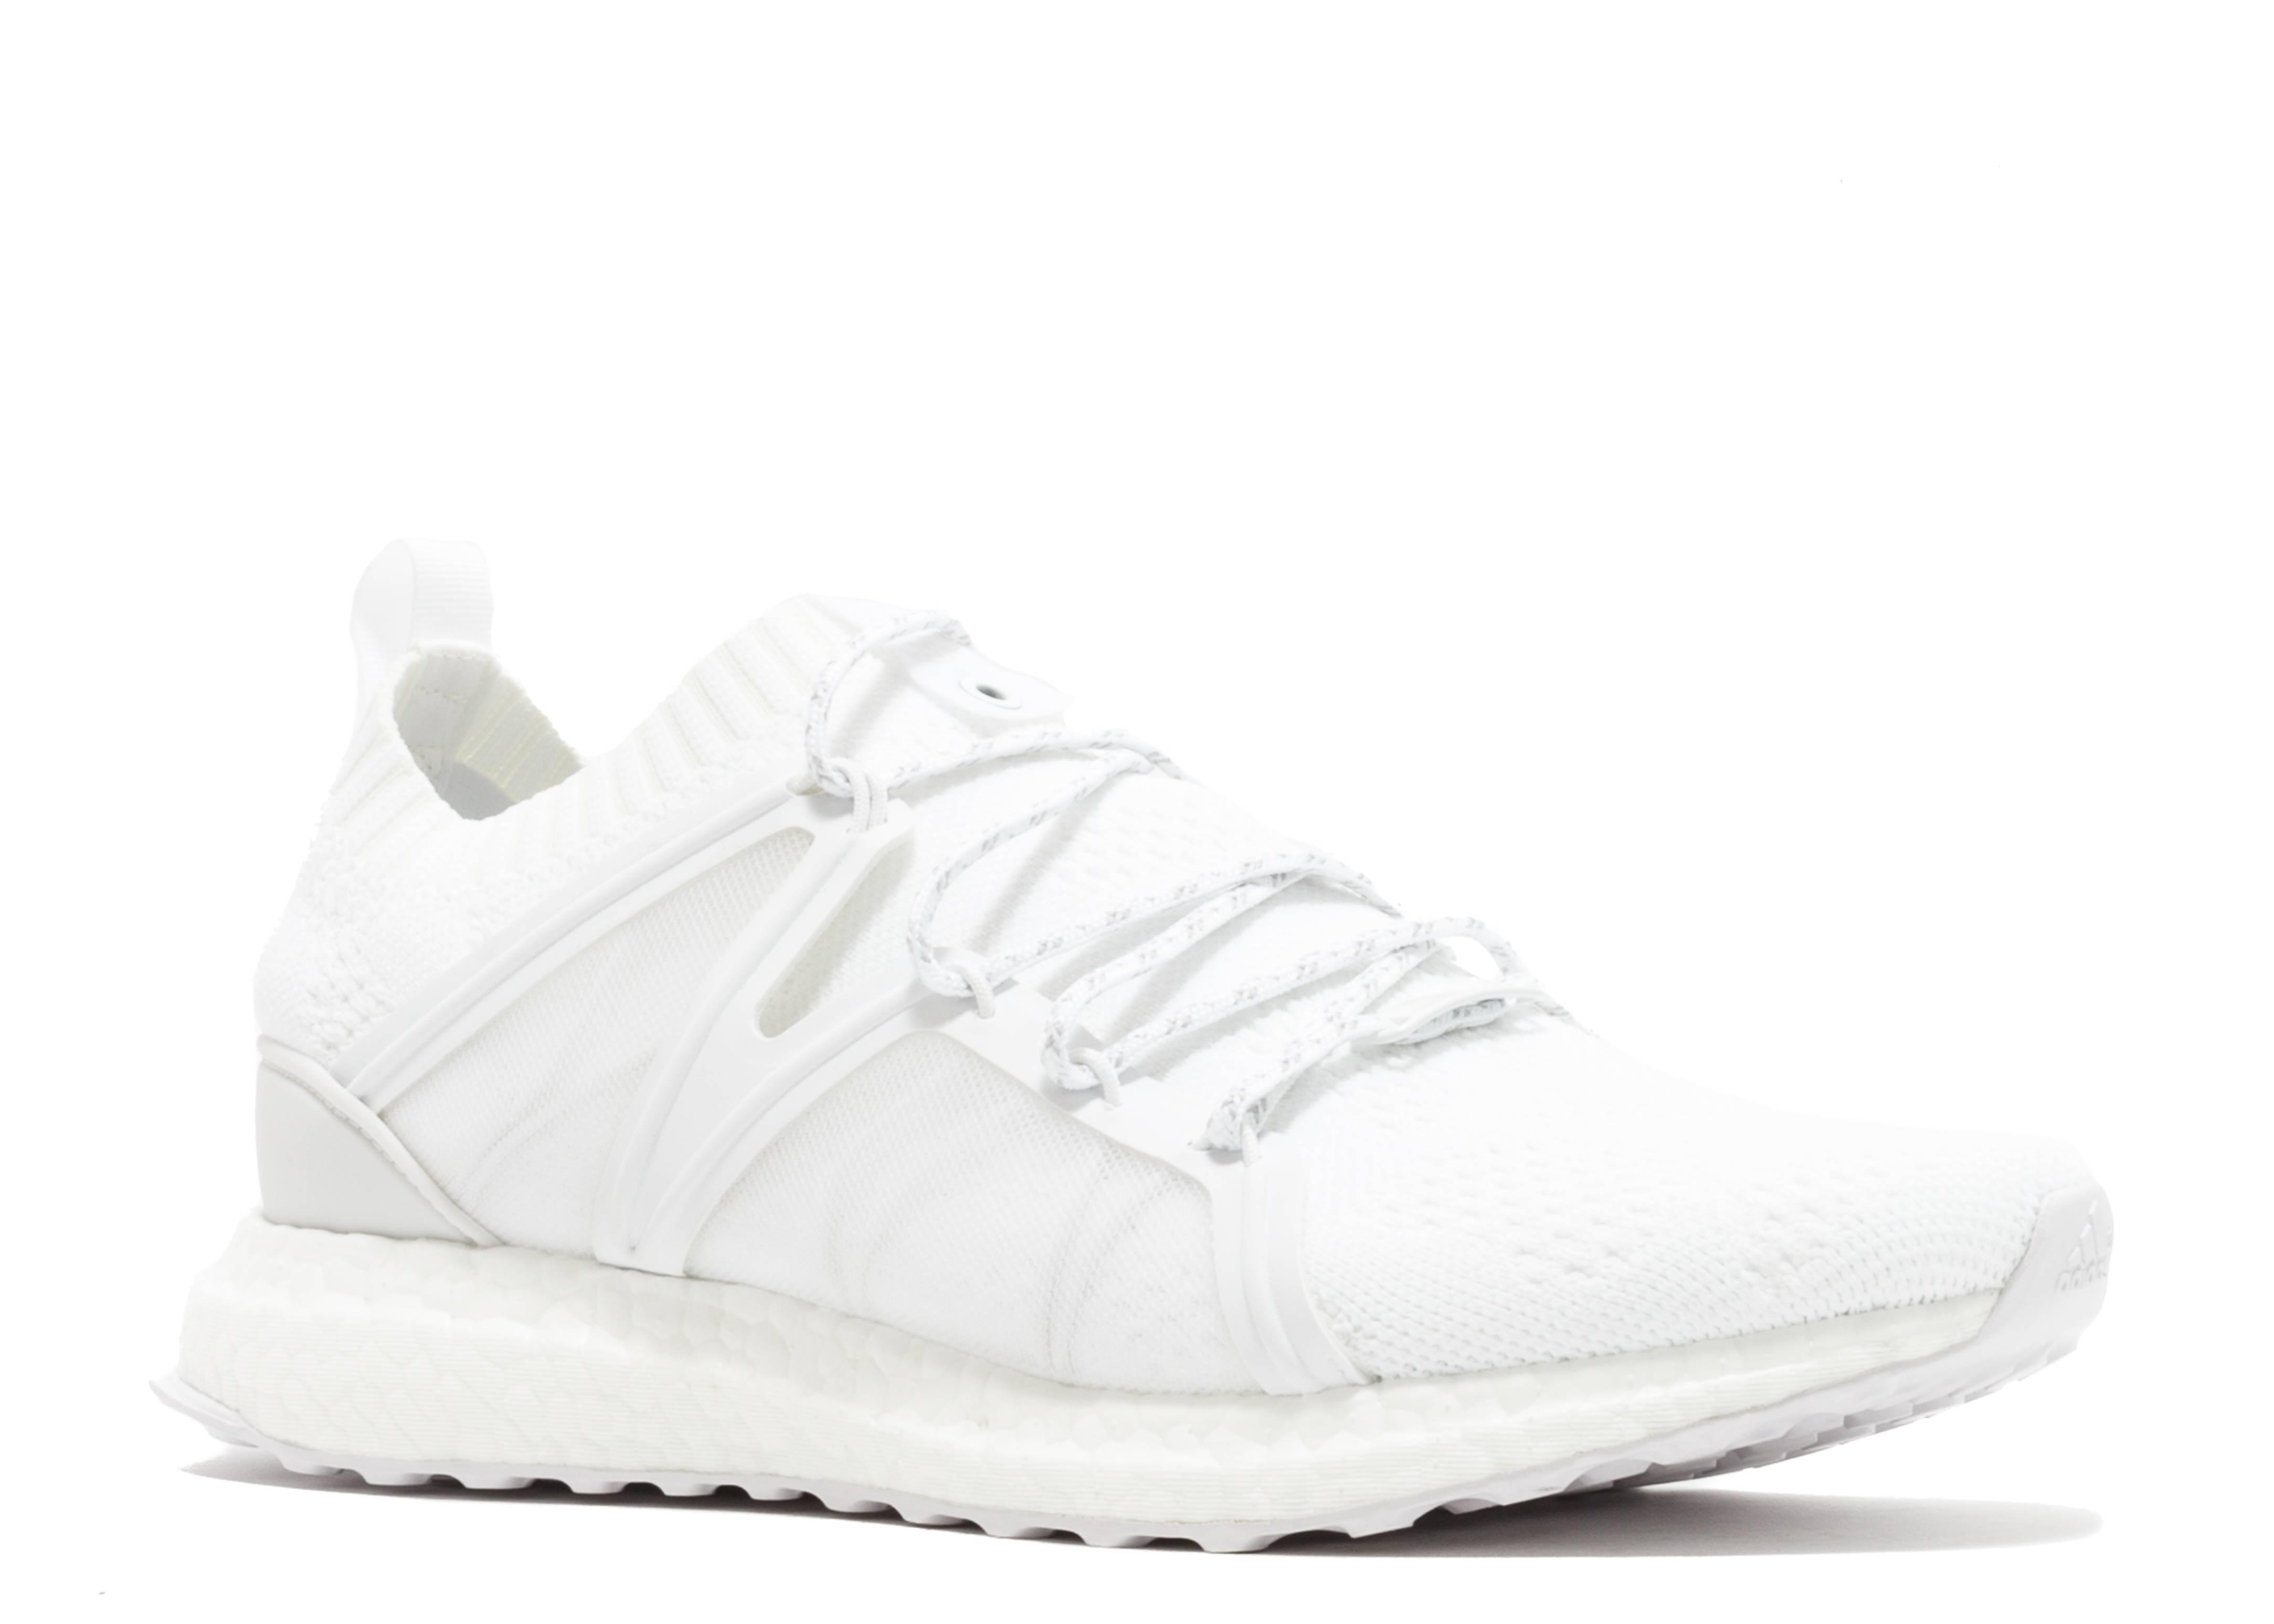 competitive price 8a617 0da4c Adidas EQT Support 93/16 x BAIT Research - 1